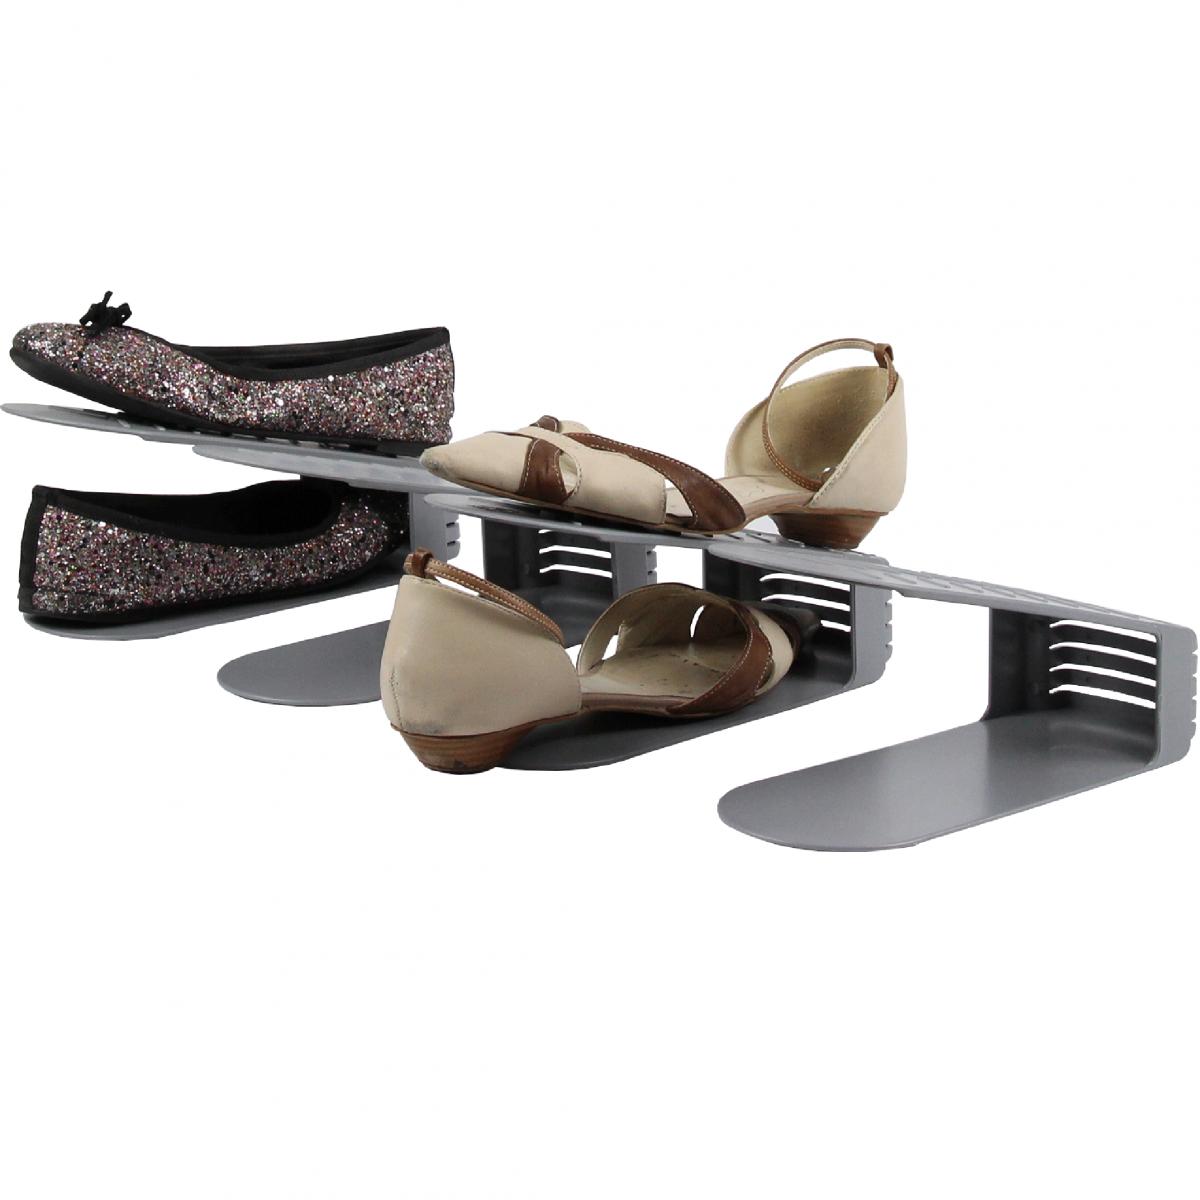 Range chaussures en plastique lot de 4 - Range chaussures bois ...